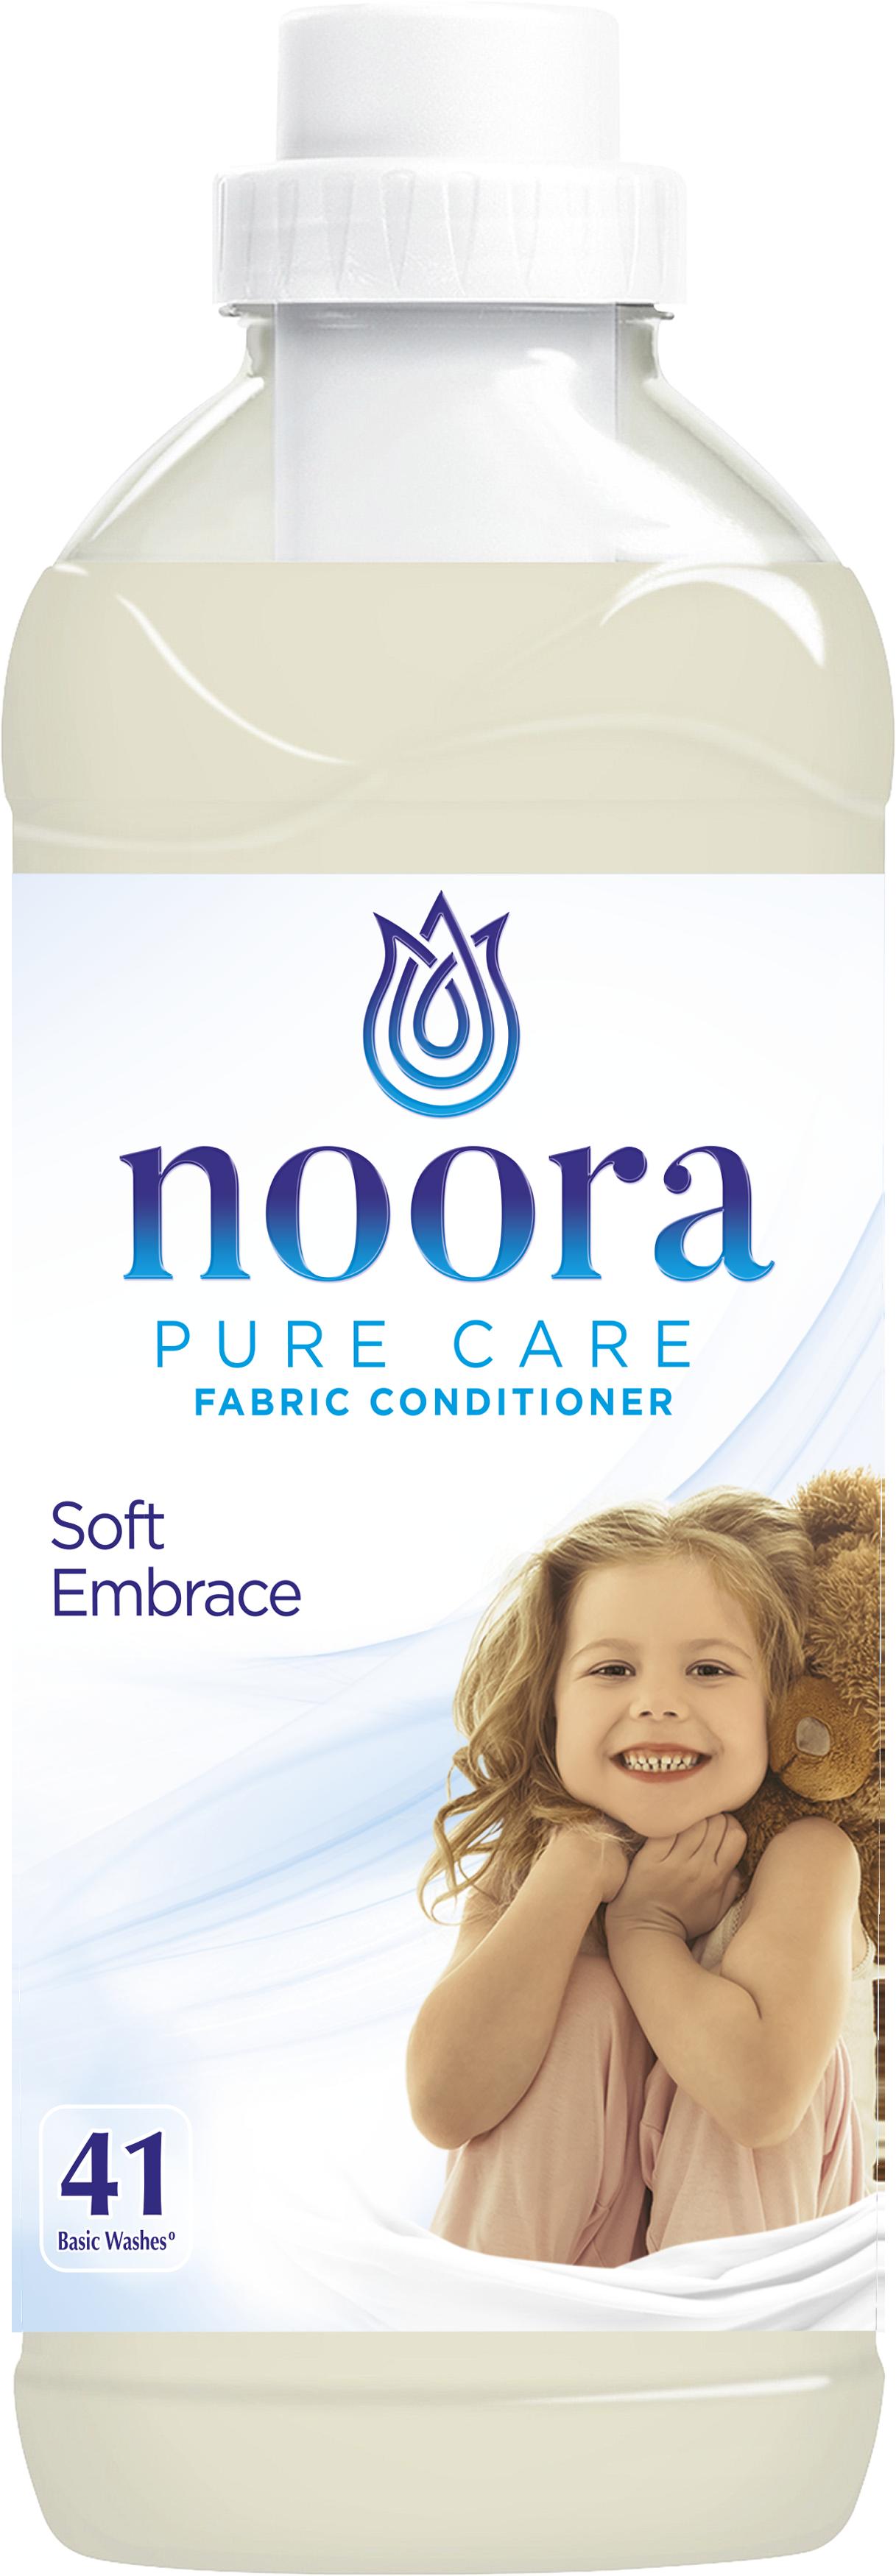 Noora_SoftEmbrace